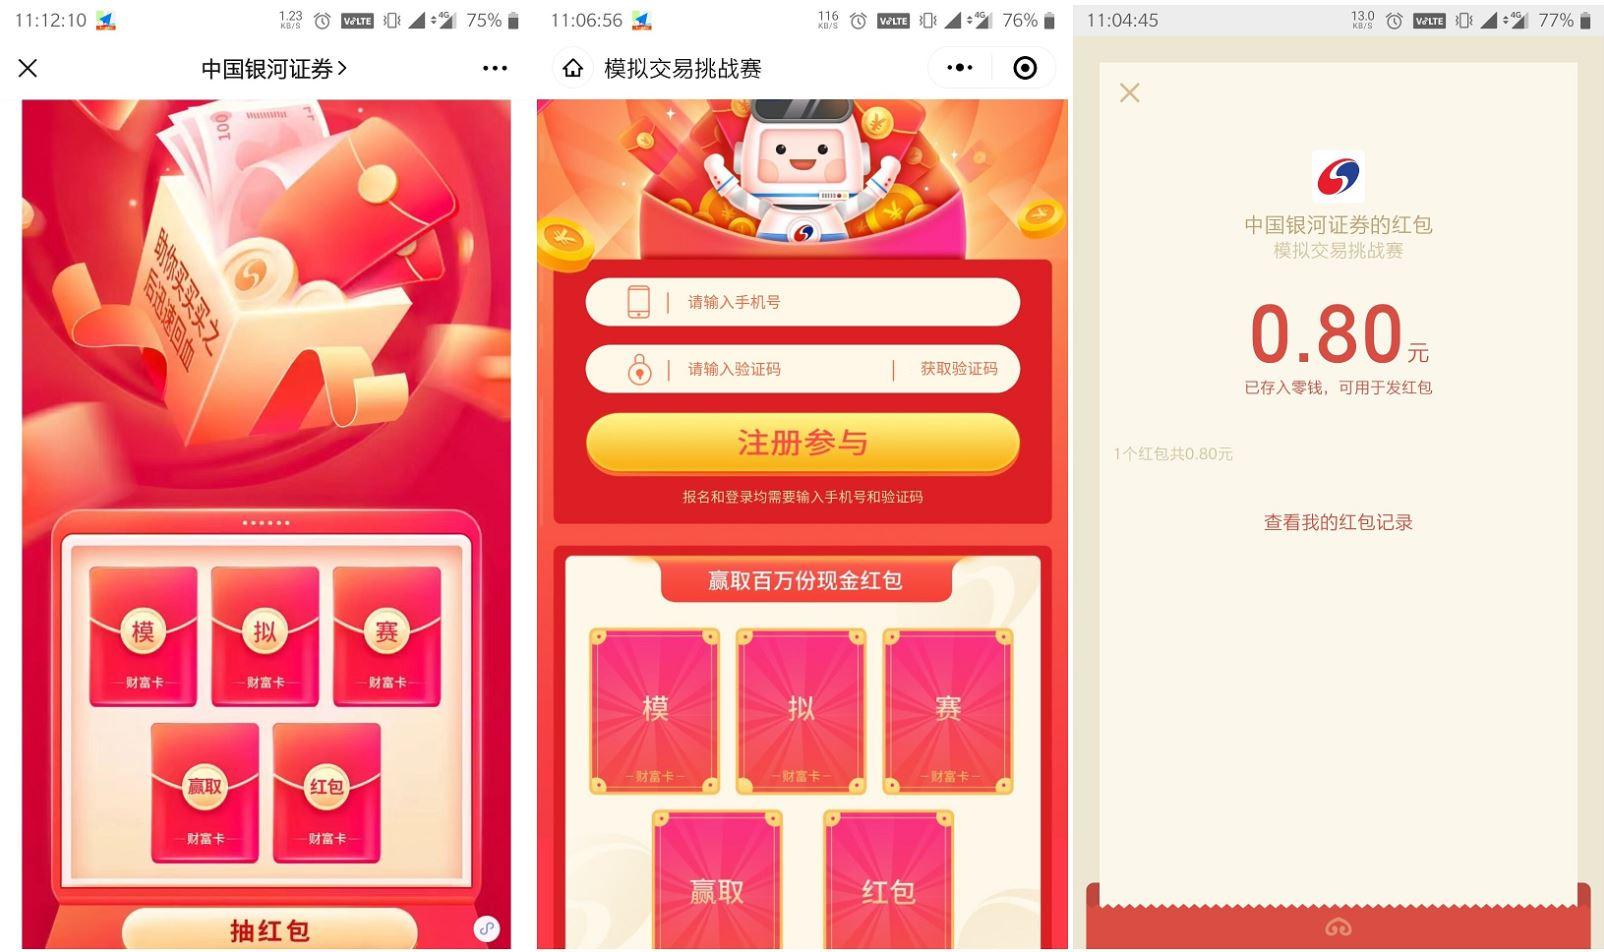 中国银河证券抽1~6元红包